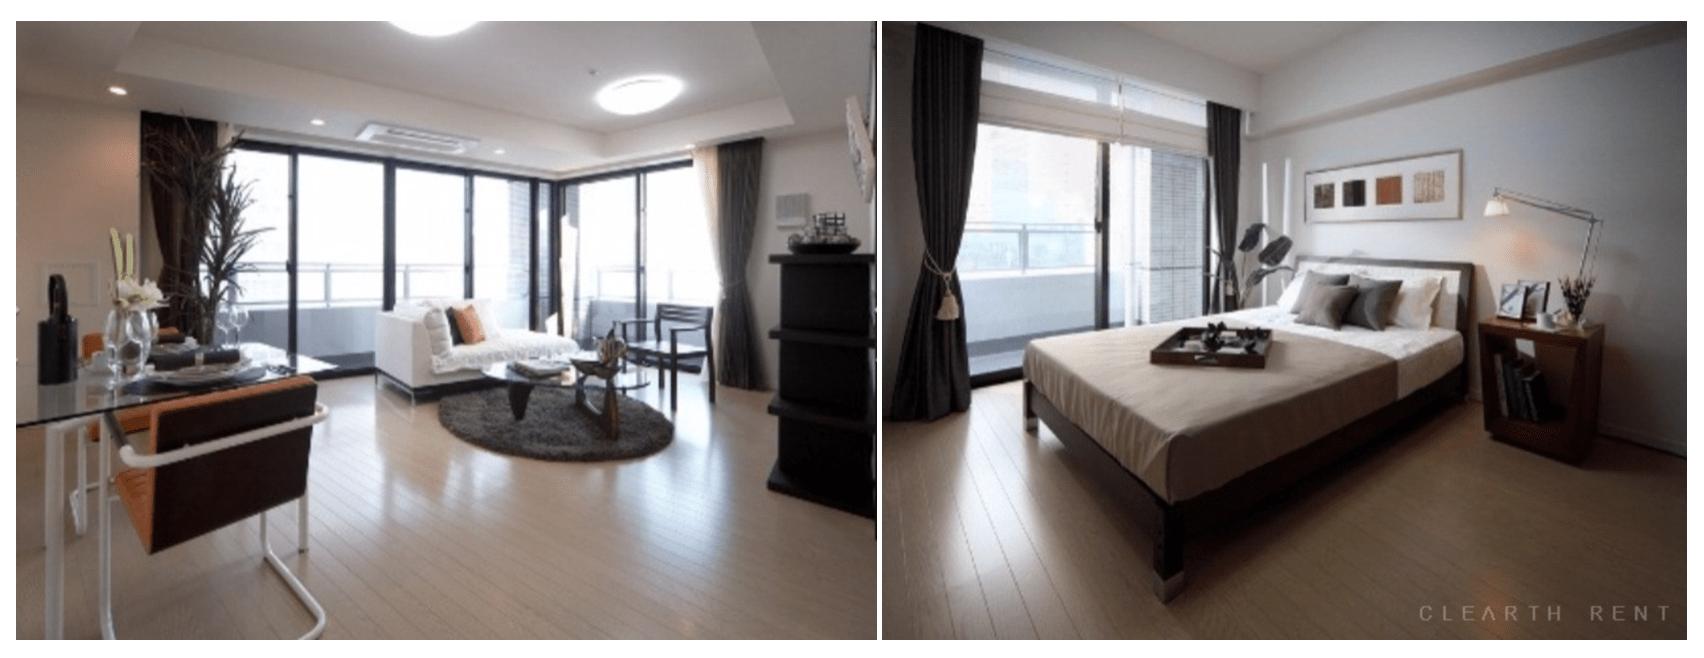 コンシェリア西新宿の室内イメージ